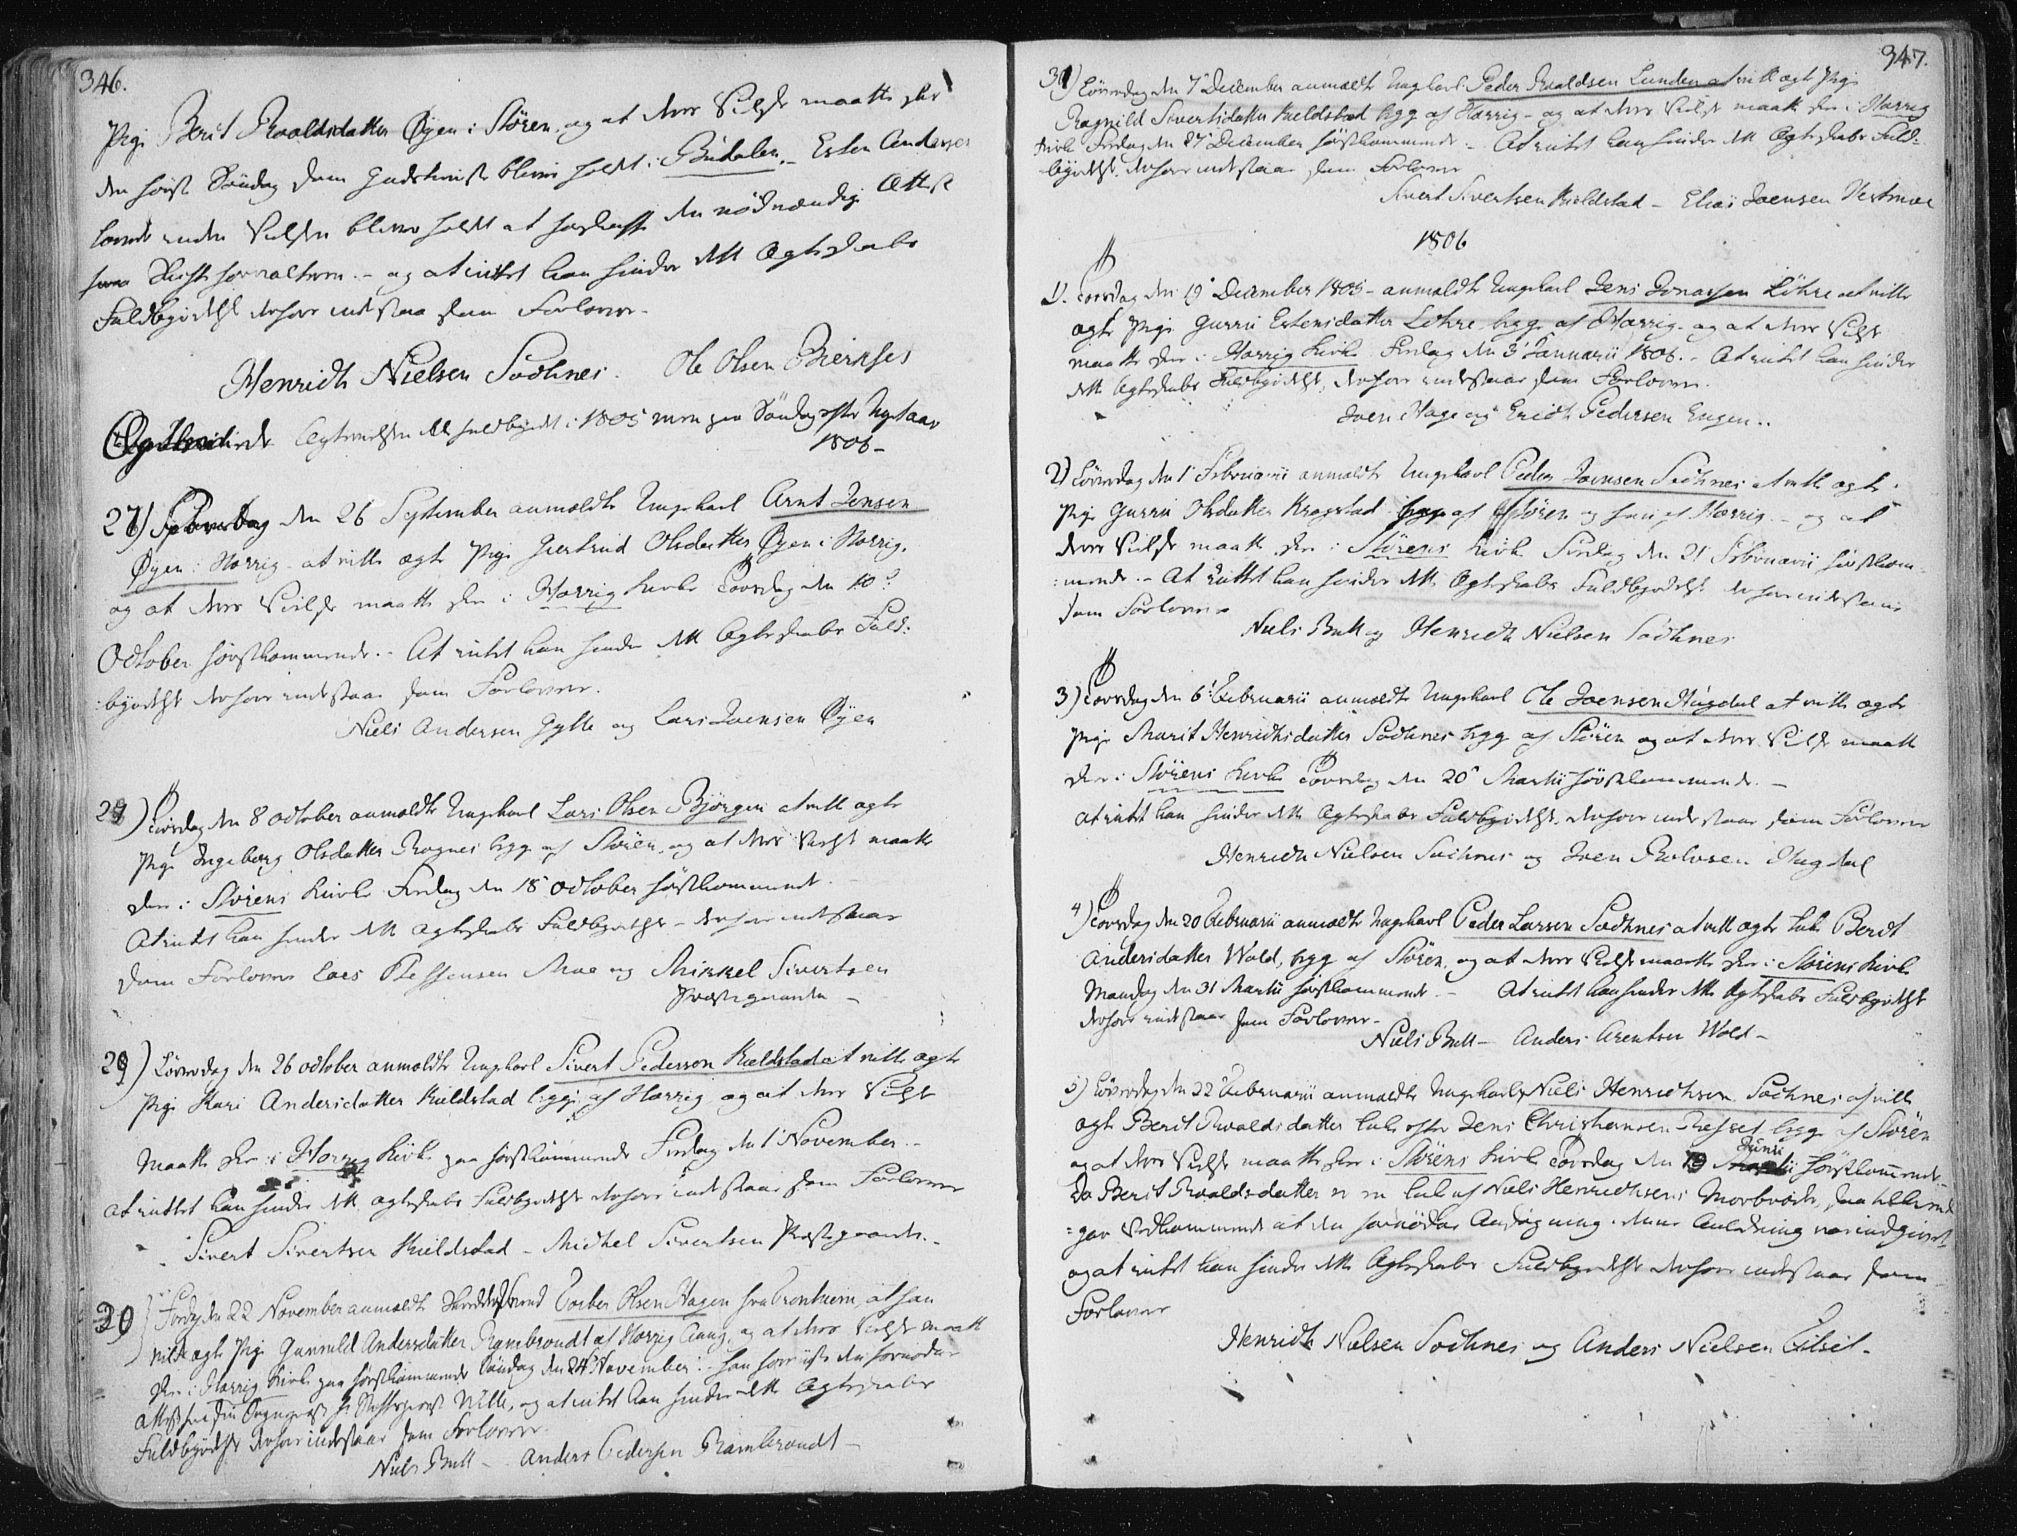 SAT, Ministerialprotokoller, klokkerbøker og fødselsregistre - Sør-Trøndelag, 687/L0992: Ministerialbok nr. 687A03 /1, 1788-1815, s. 346-347